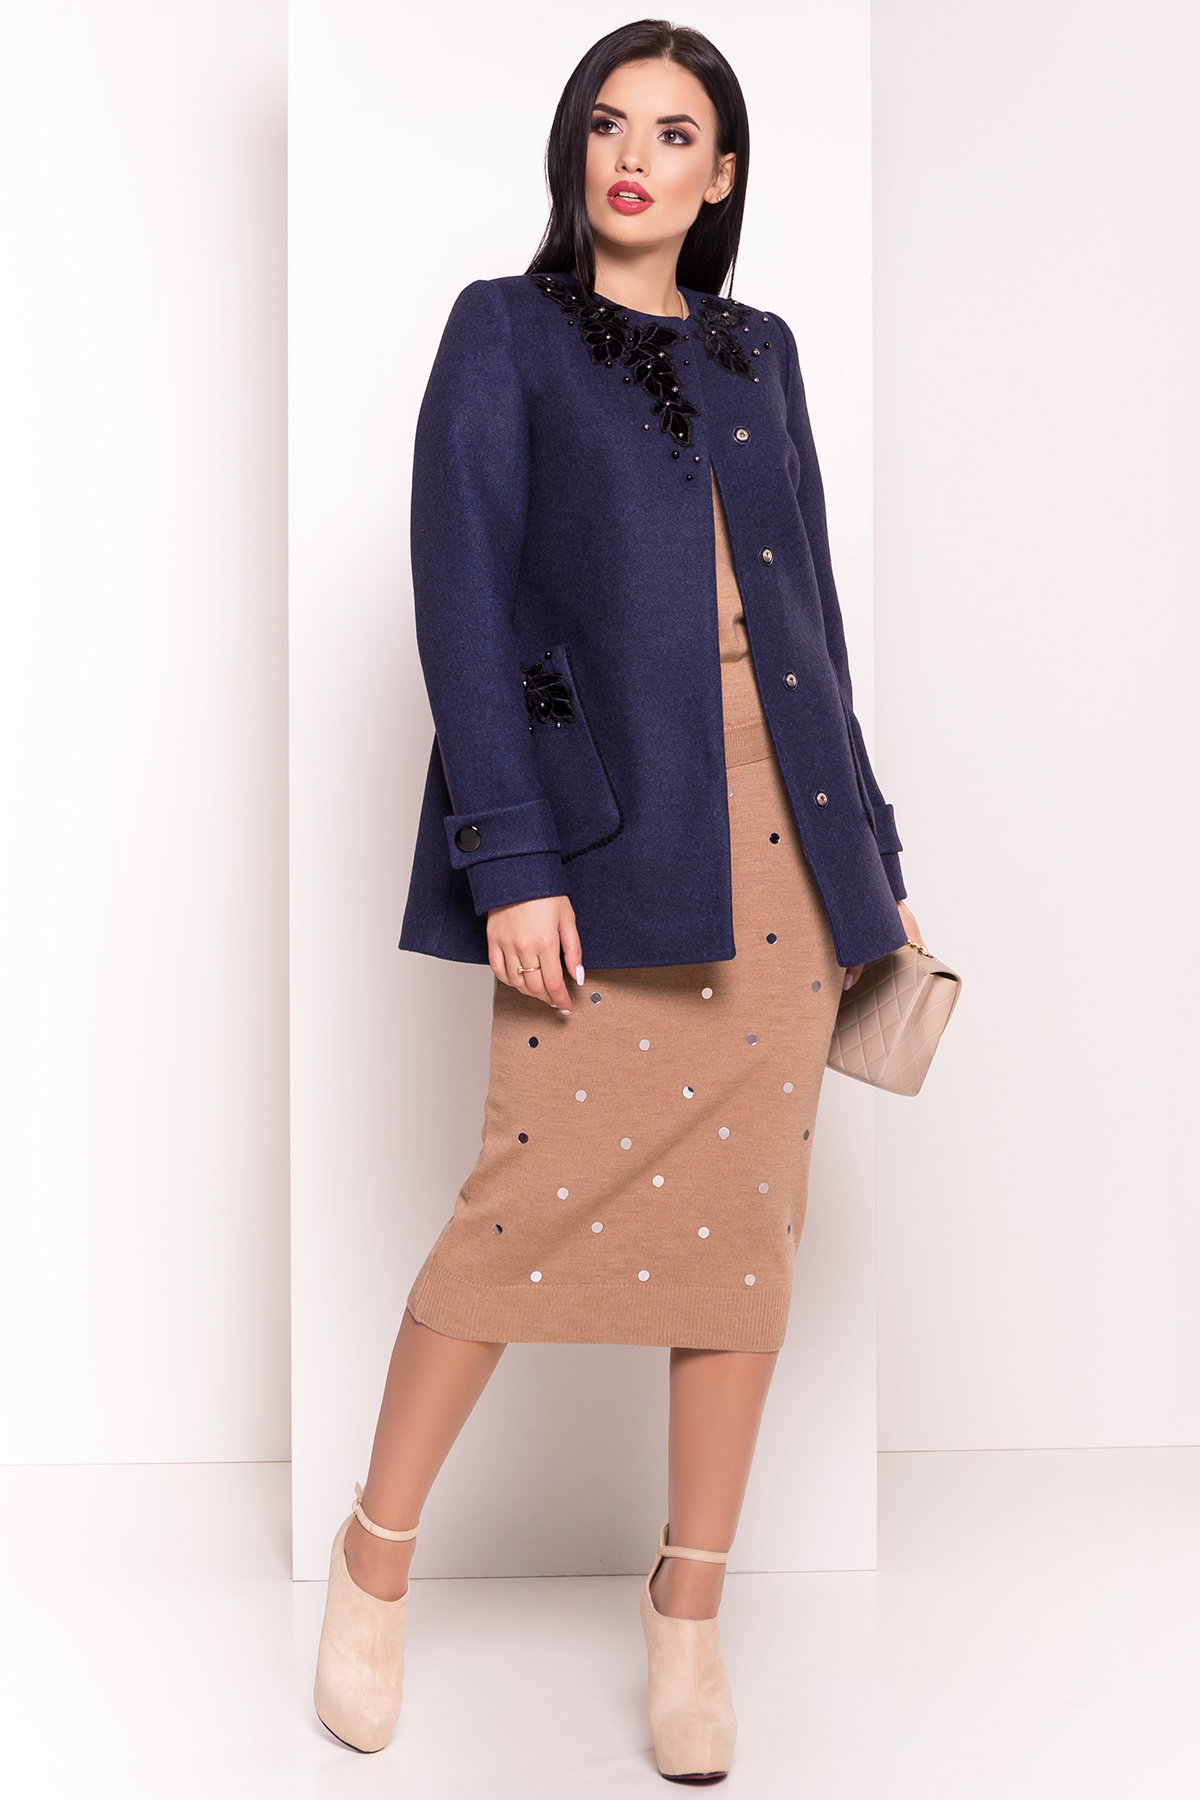 Укороченное пальто-трапеция с вышивкой Латта 5526 Цвет: Синий 1